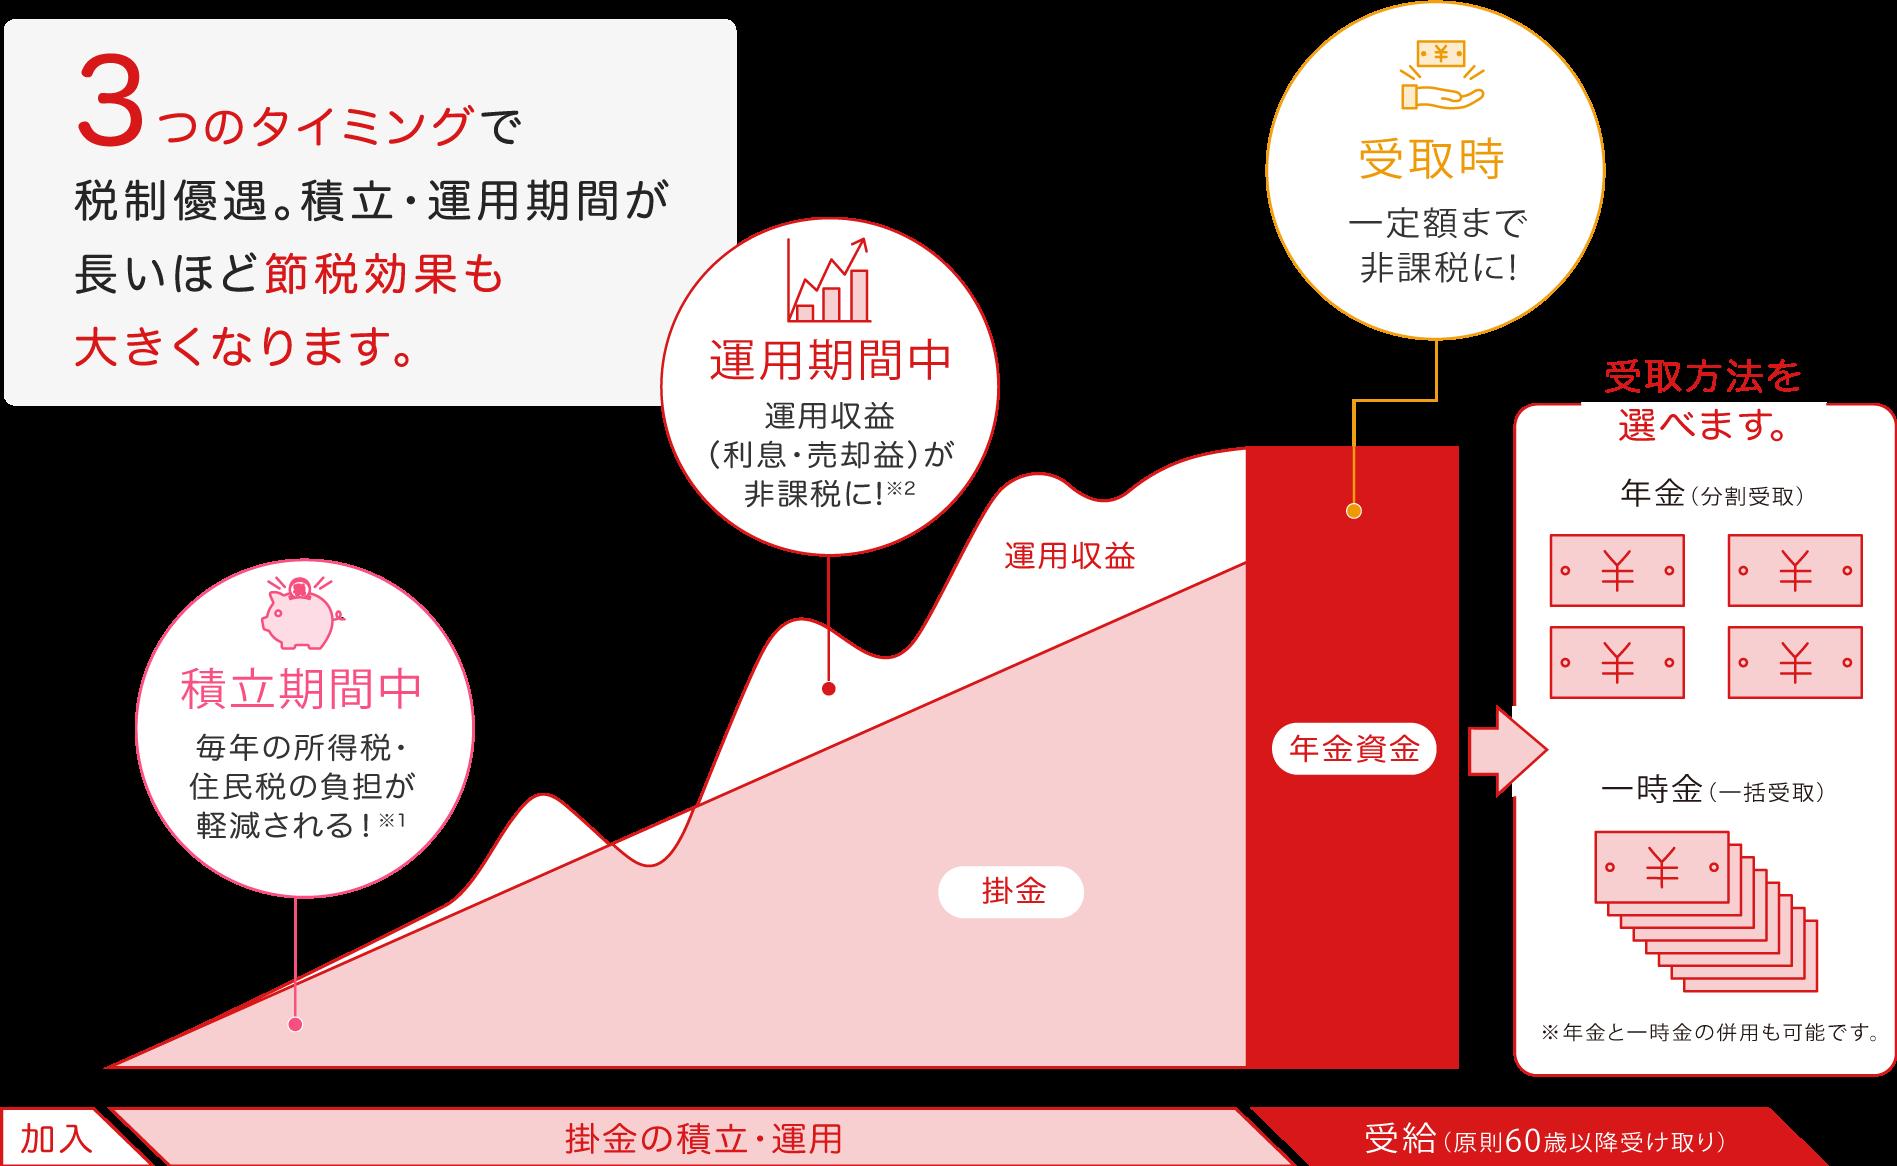 カブコムのiDeCo(イデコ)個人型確定拠出年金の積立期間中・運用期間中・受取時の節税効果(税制優遇)